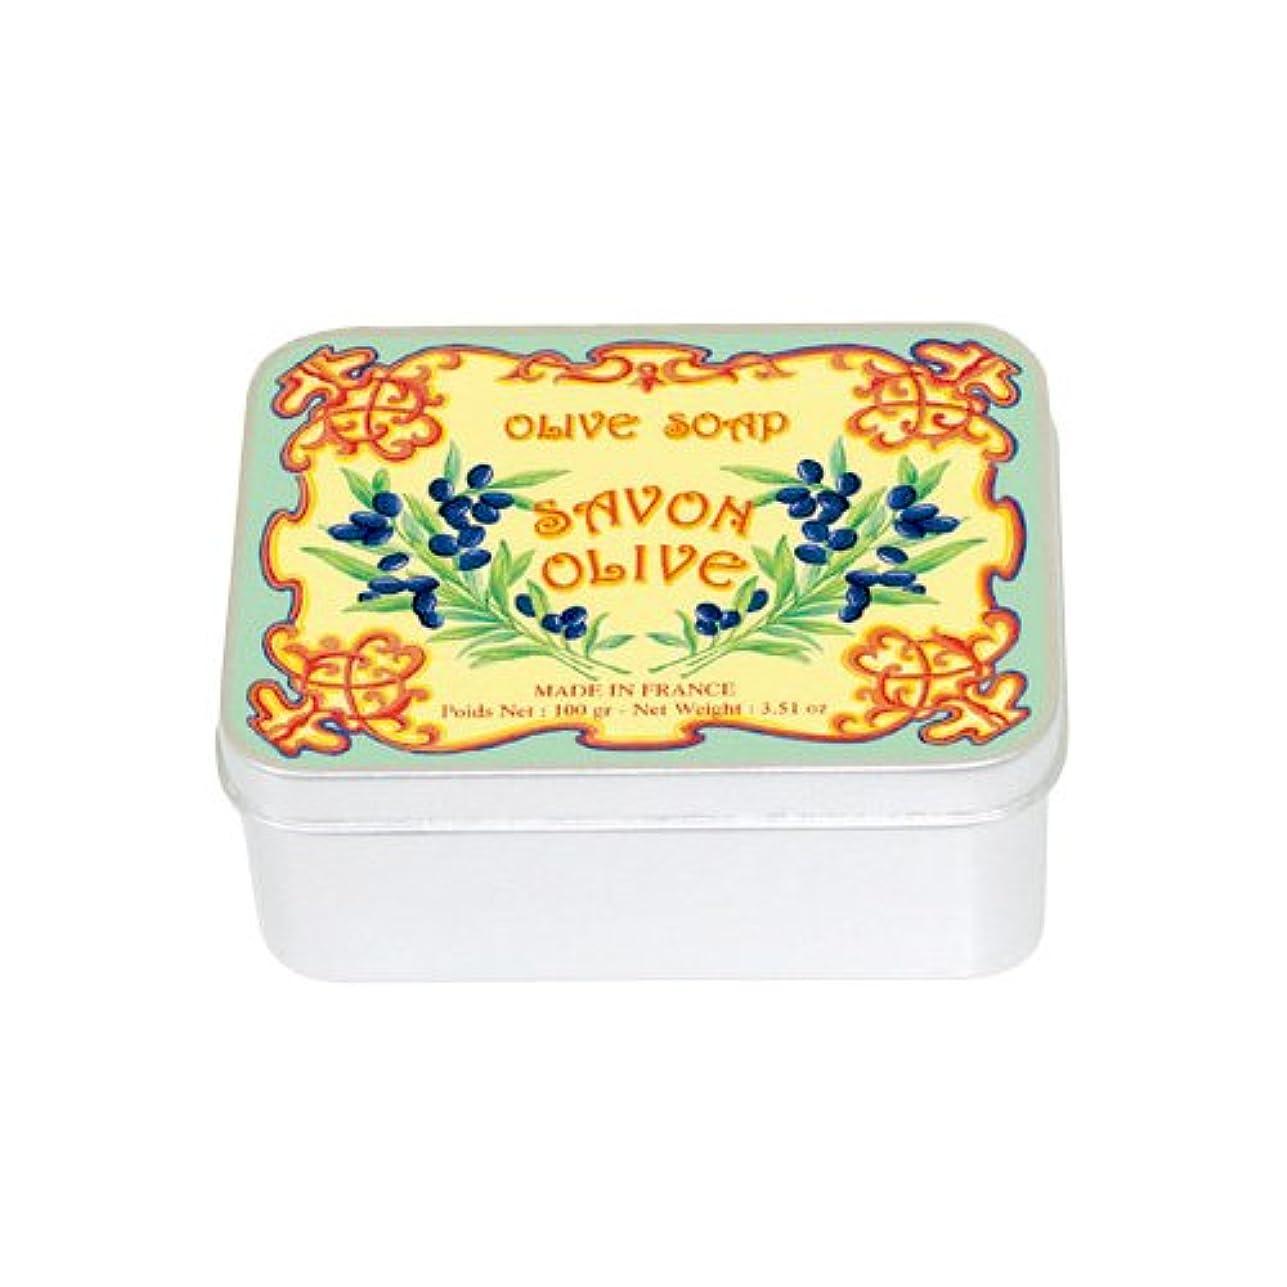 ネズミアイスクリーム作成するルブランソープ メタルボックス(オリーブの香り)石鹸